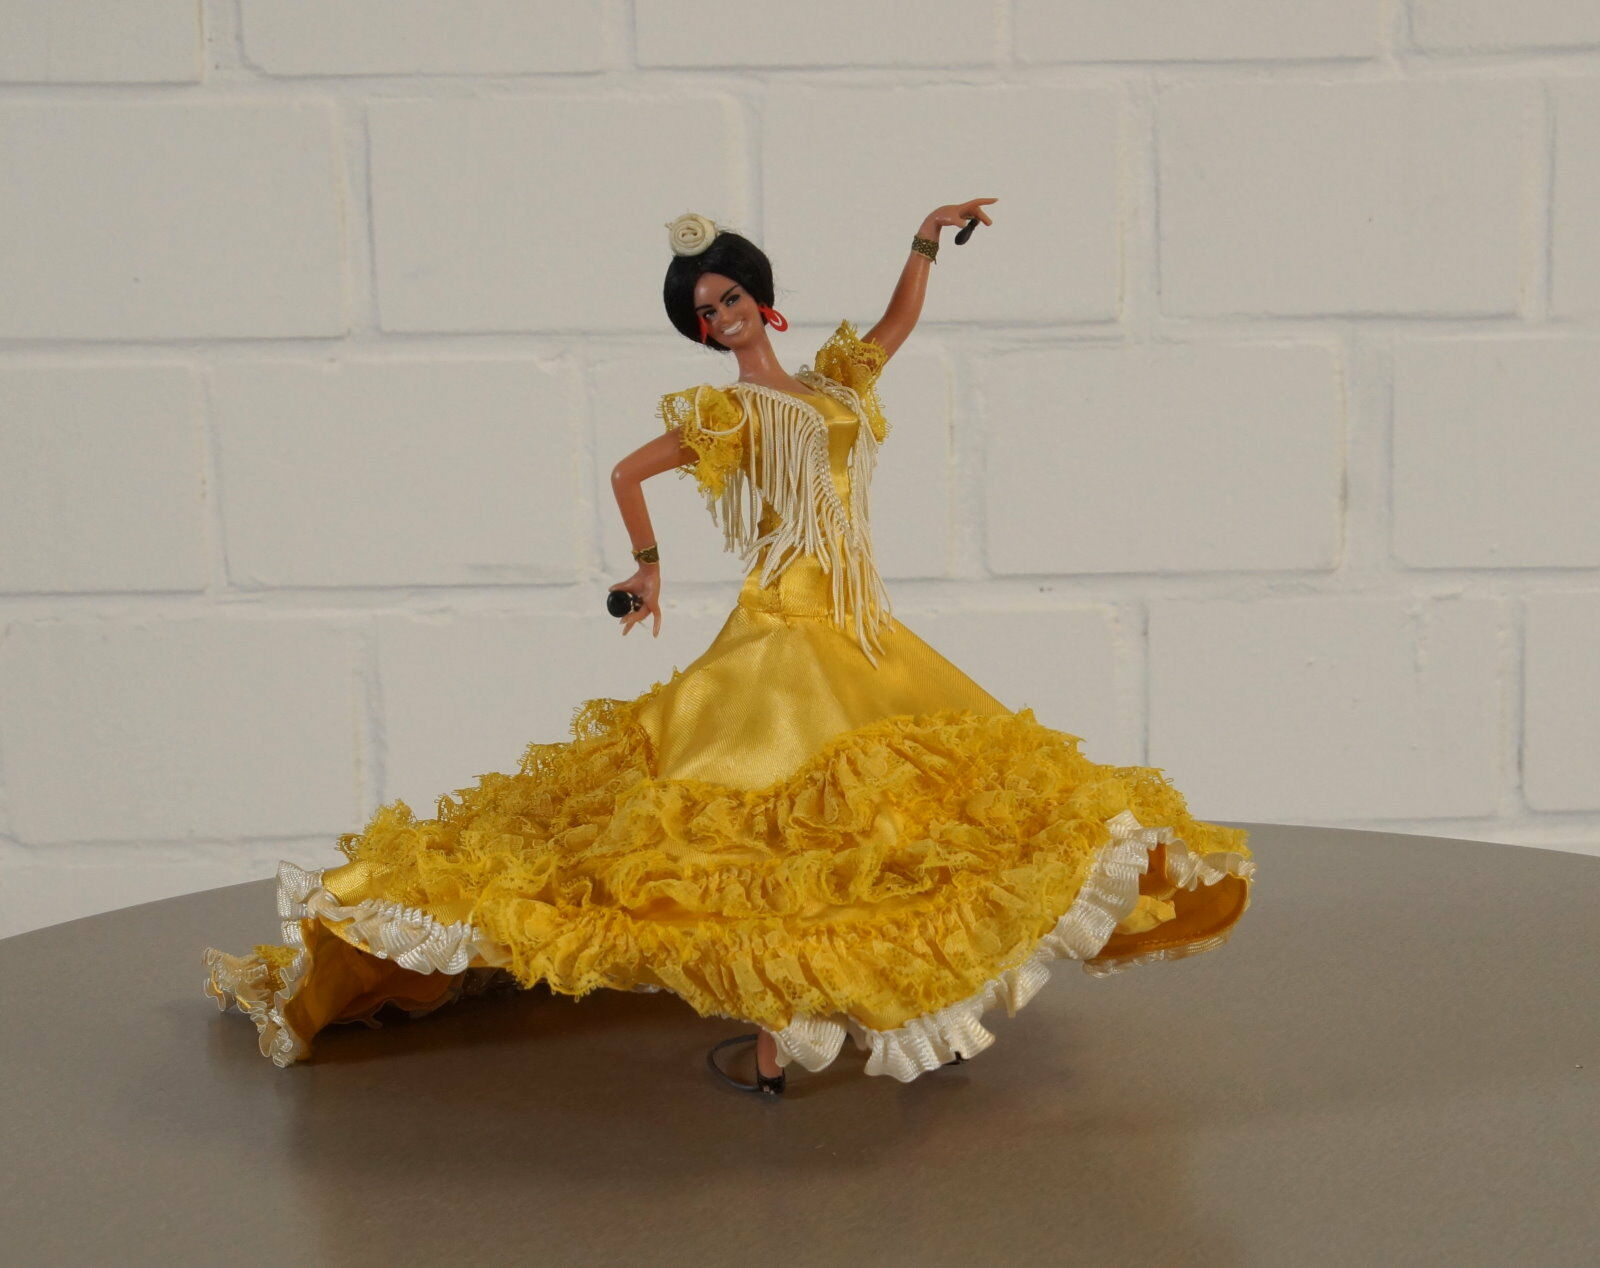 Seltene edle Sammler Puppe Puppe Puppe Flamenco Tänzerin Vintage 50er 60er Jahre Spanien RAR 171a66